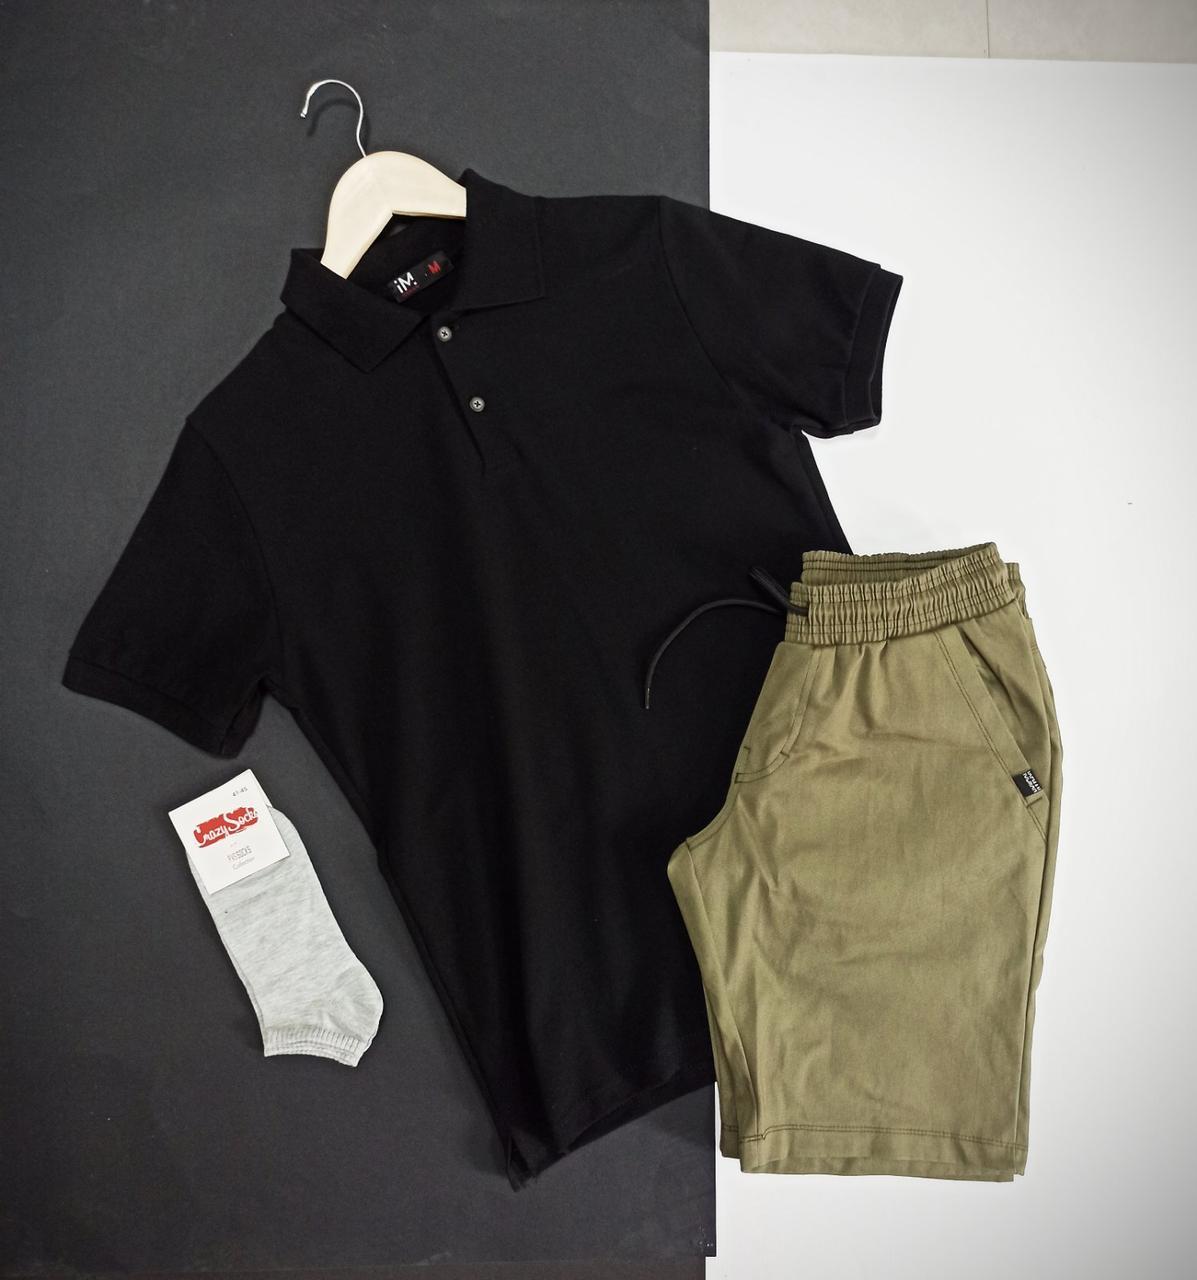 Чоловічий літній Спортивний костюм чорний, Стильний повсякденний комплект Футболка Поло і Шорти Туреччина